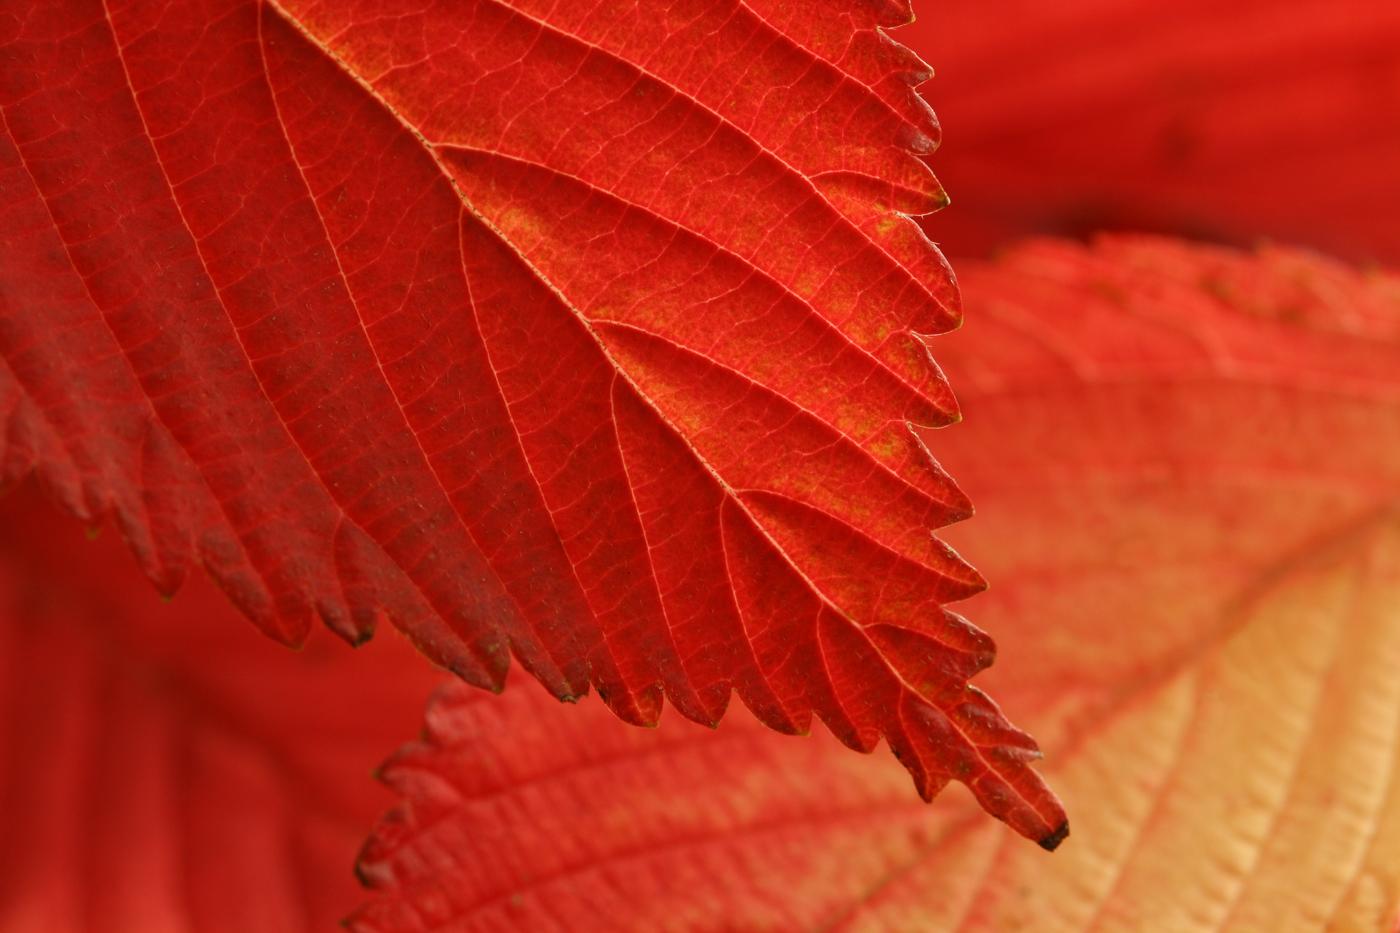 'Autumn' by Tony O'Reilly